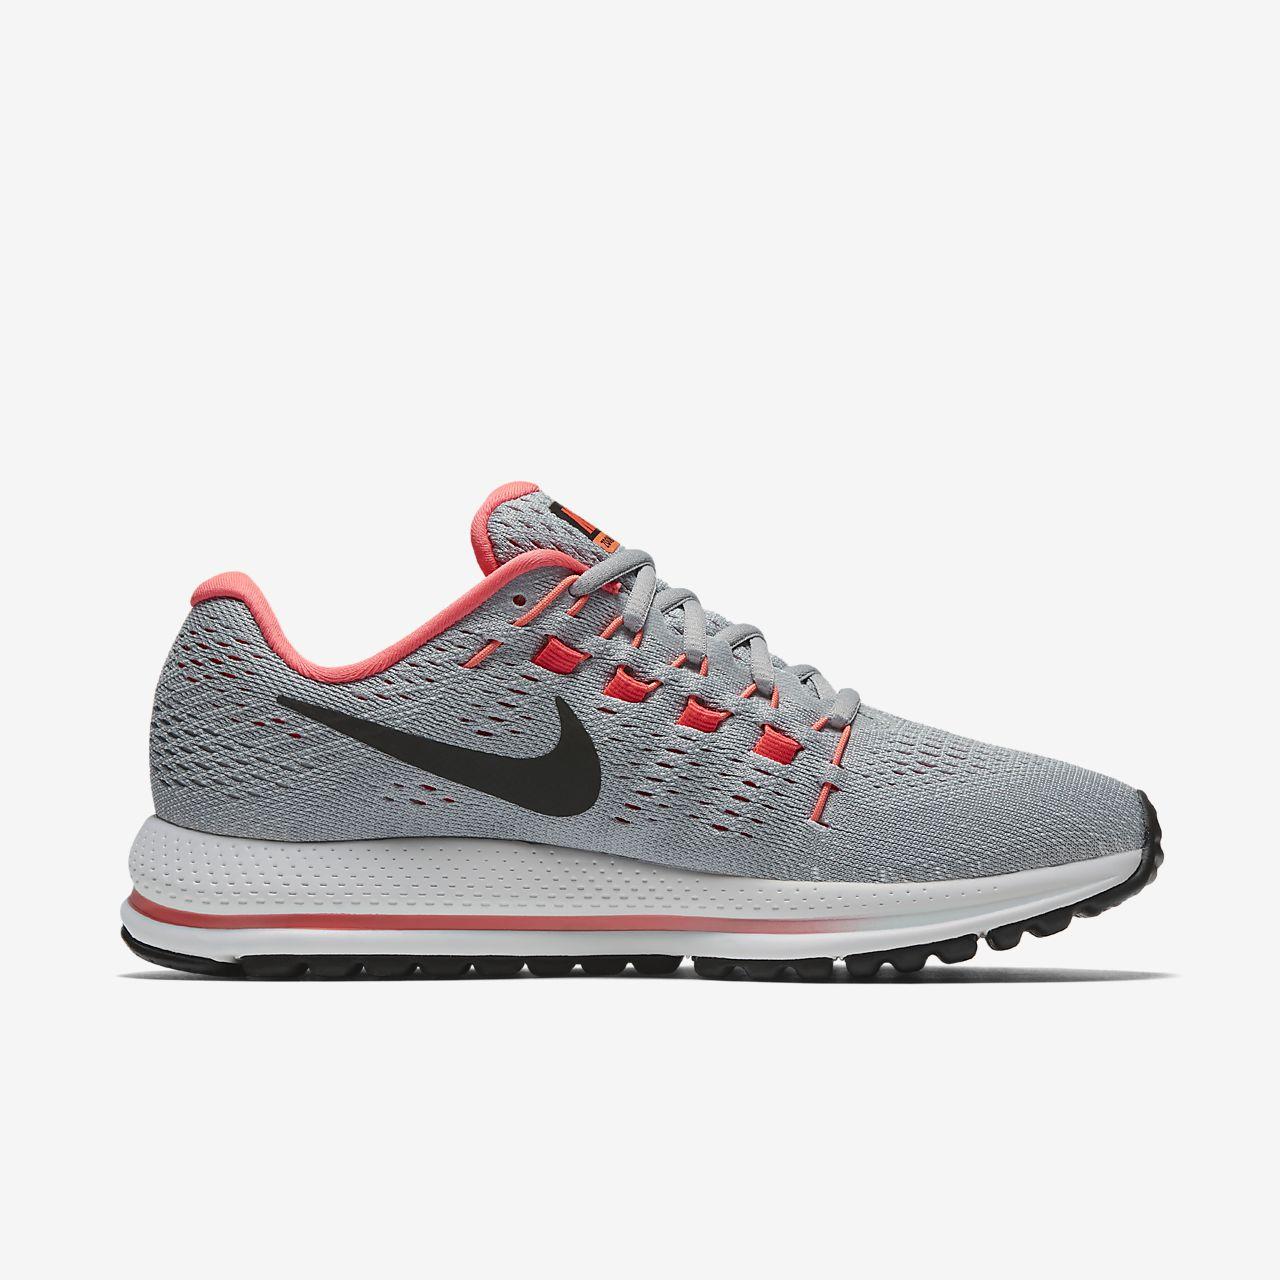 ... Nike Air Zoom Vomero 12 (Narrow) Women's Running Shoe